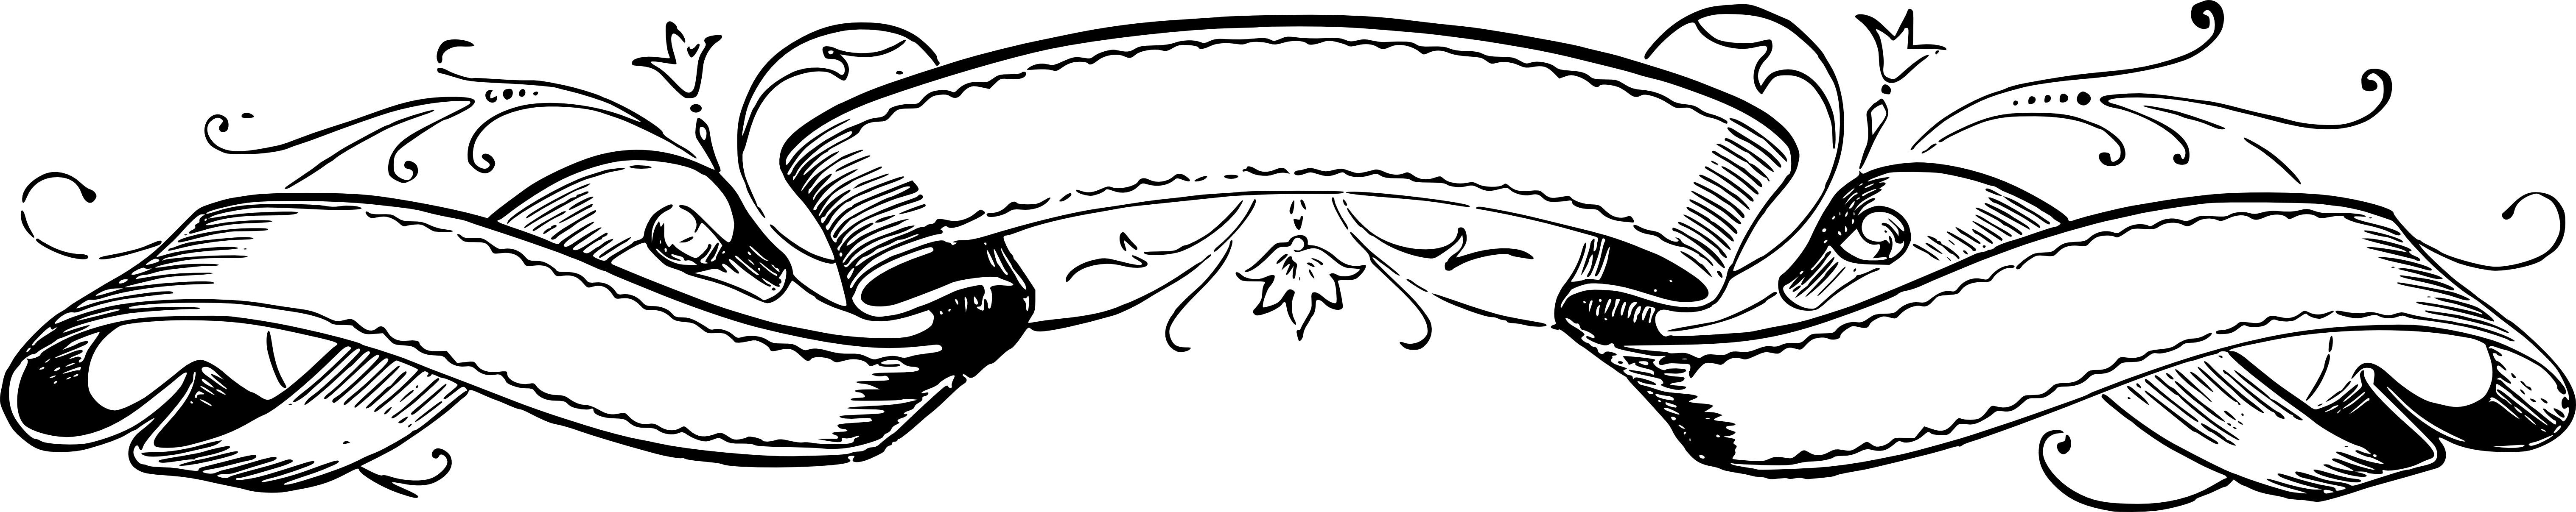 6072x1208 Scroll Clipart Vector Art